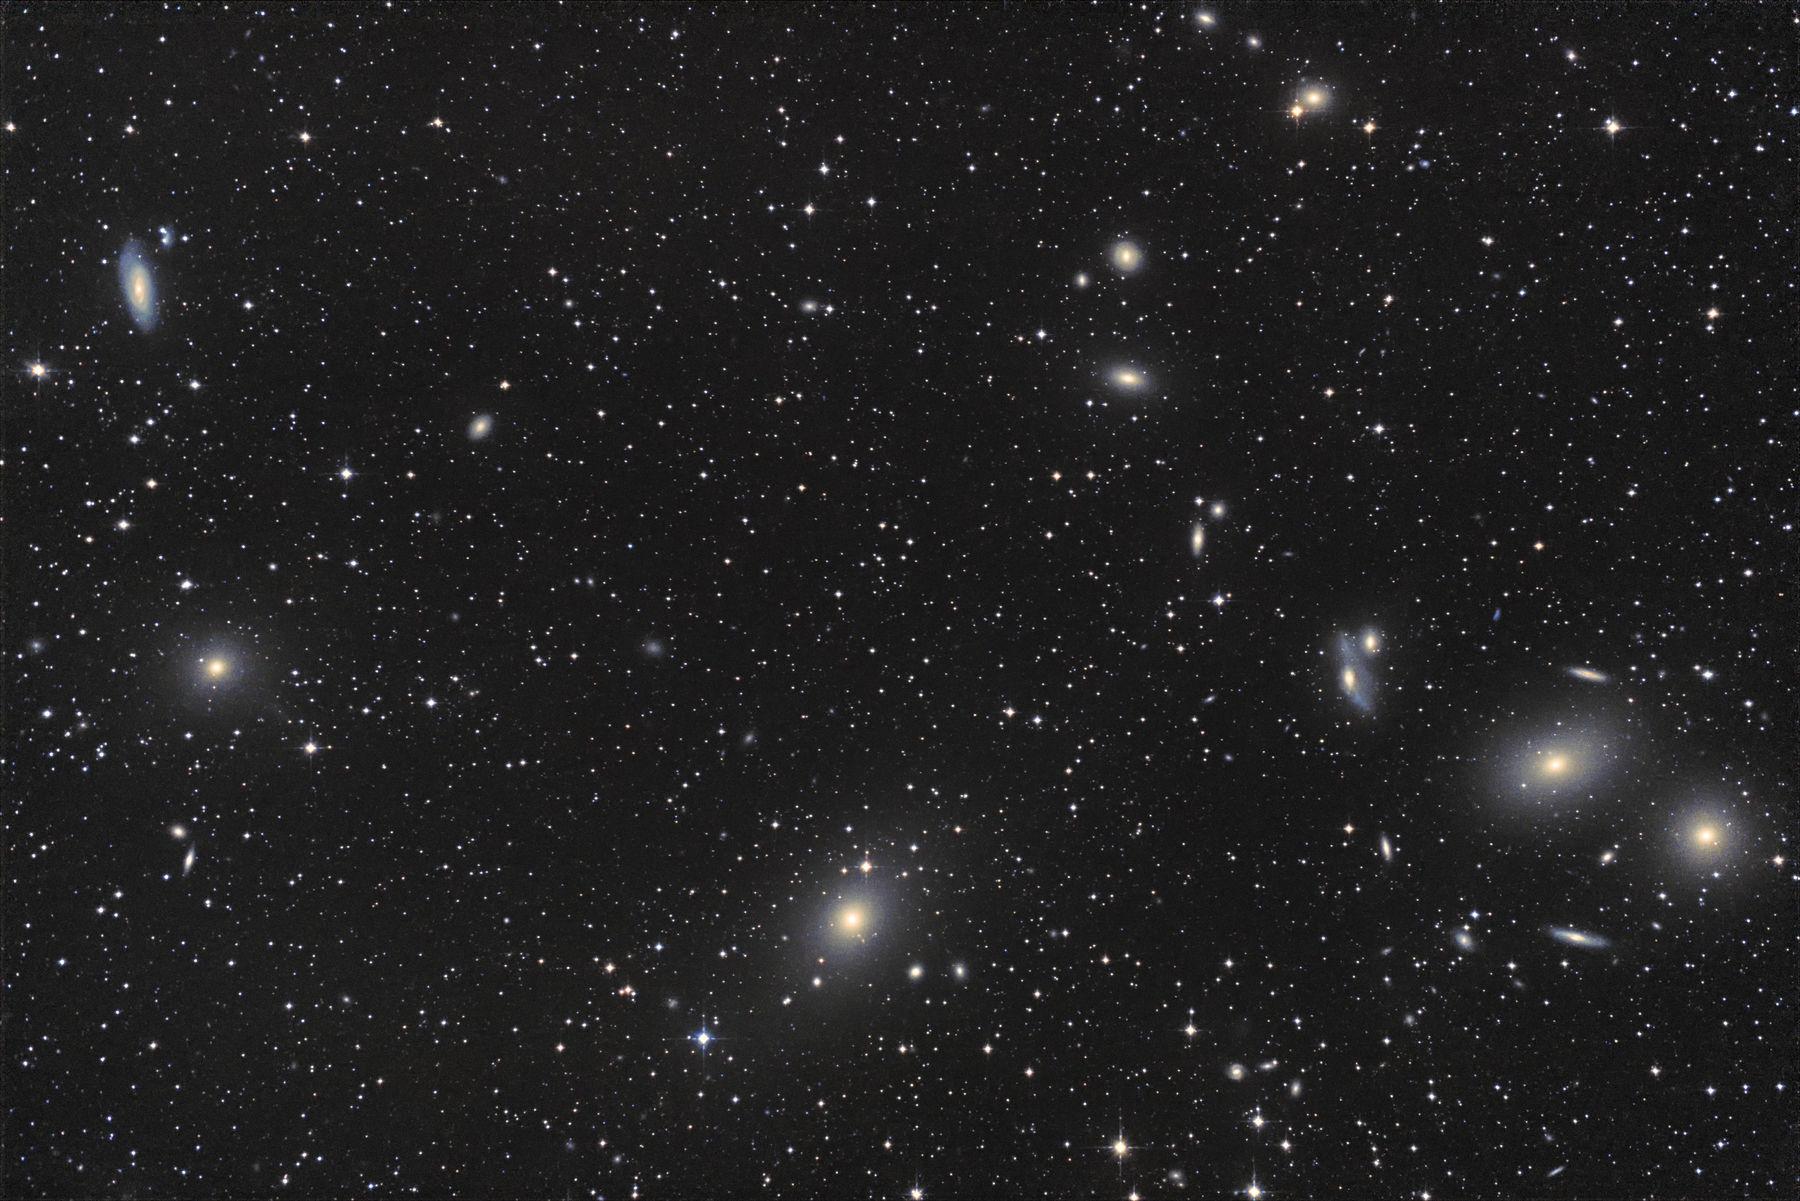 【銀河】春の銀河祭り(*゚ー゚) お皿の大陸棚「マルカリアンチェーン」